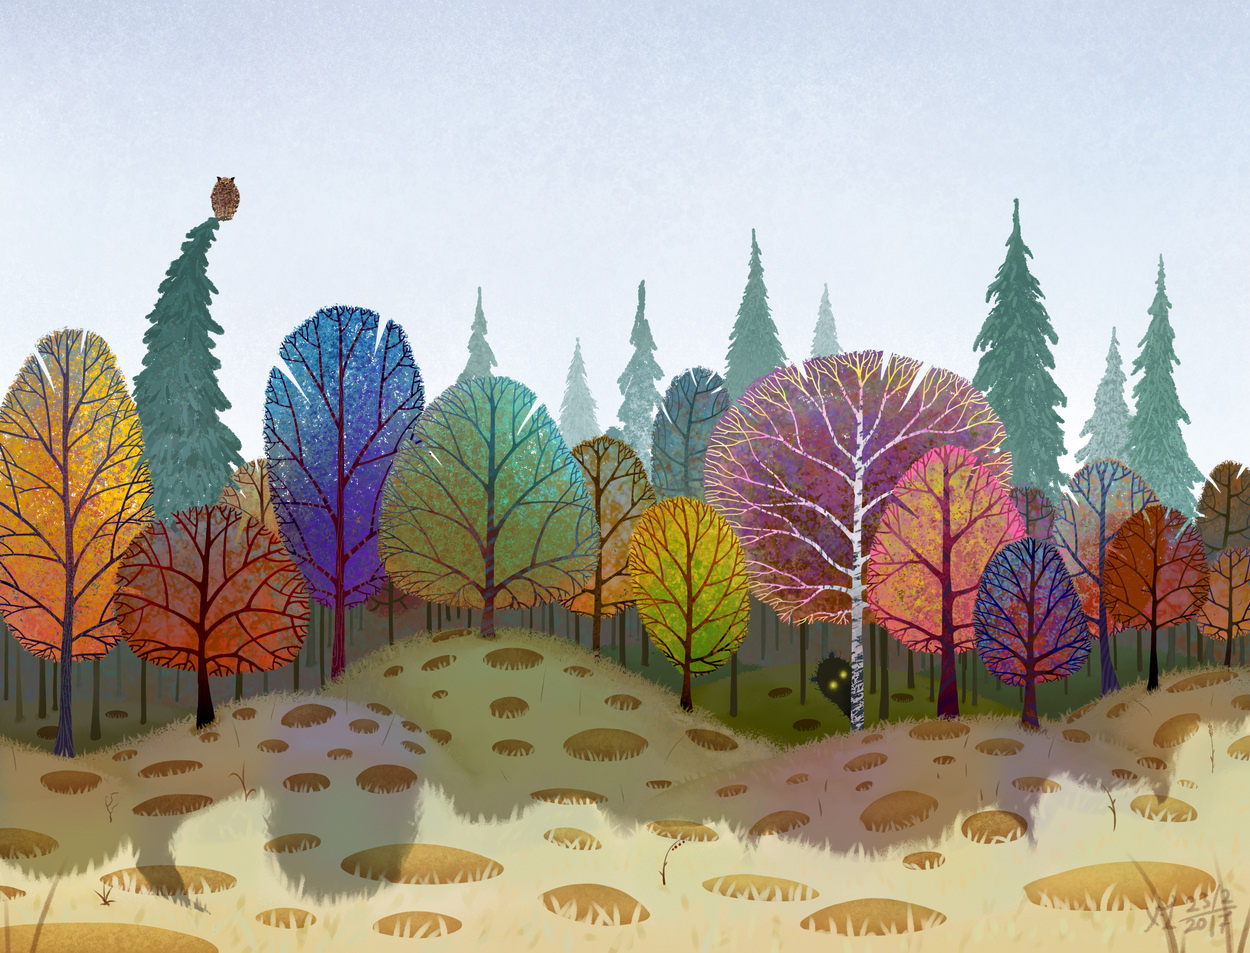 картинка для аппликации лес оставался